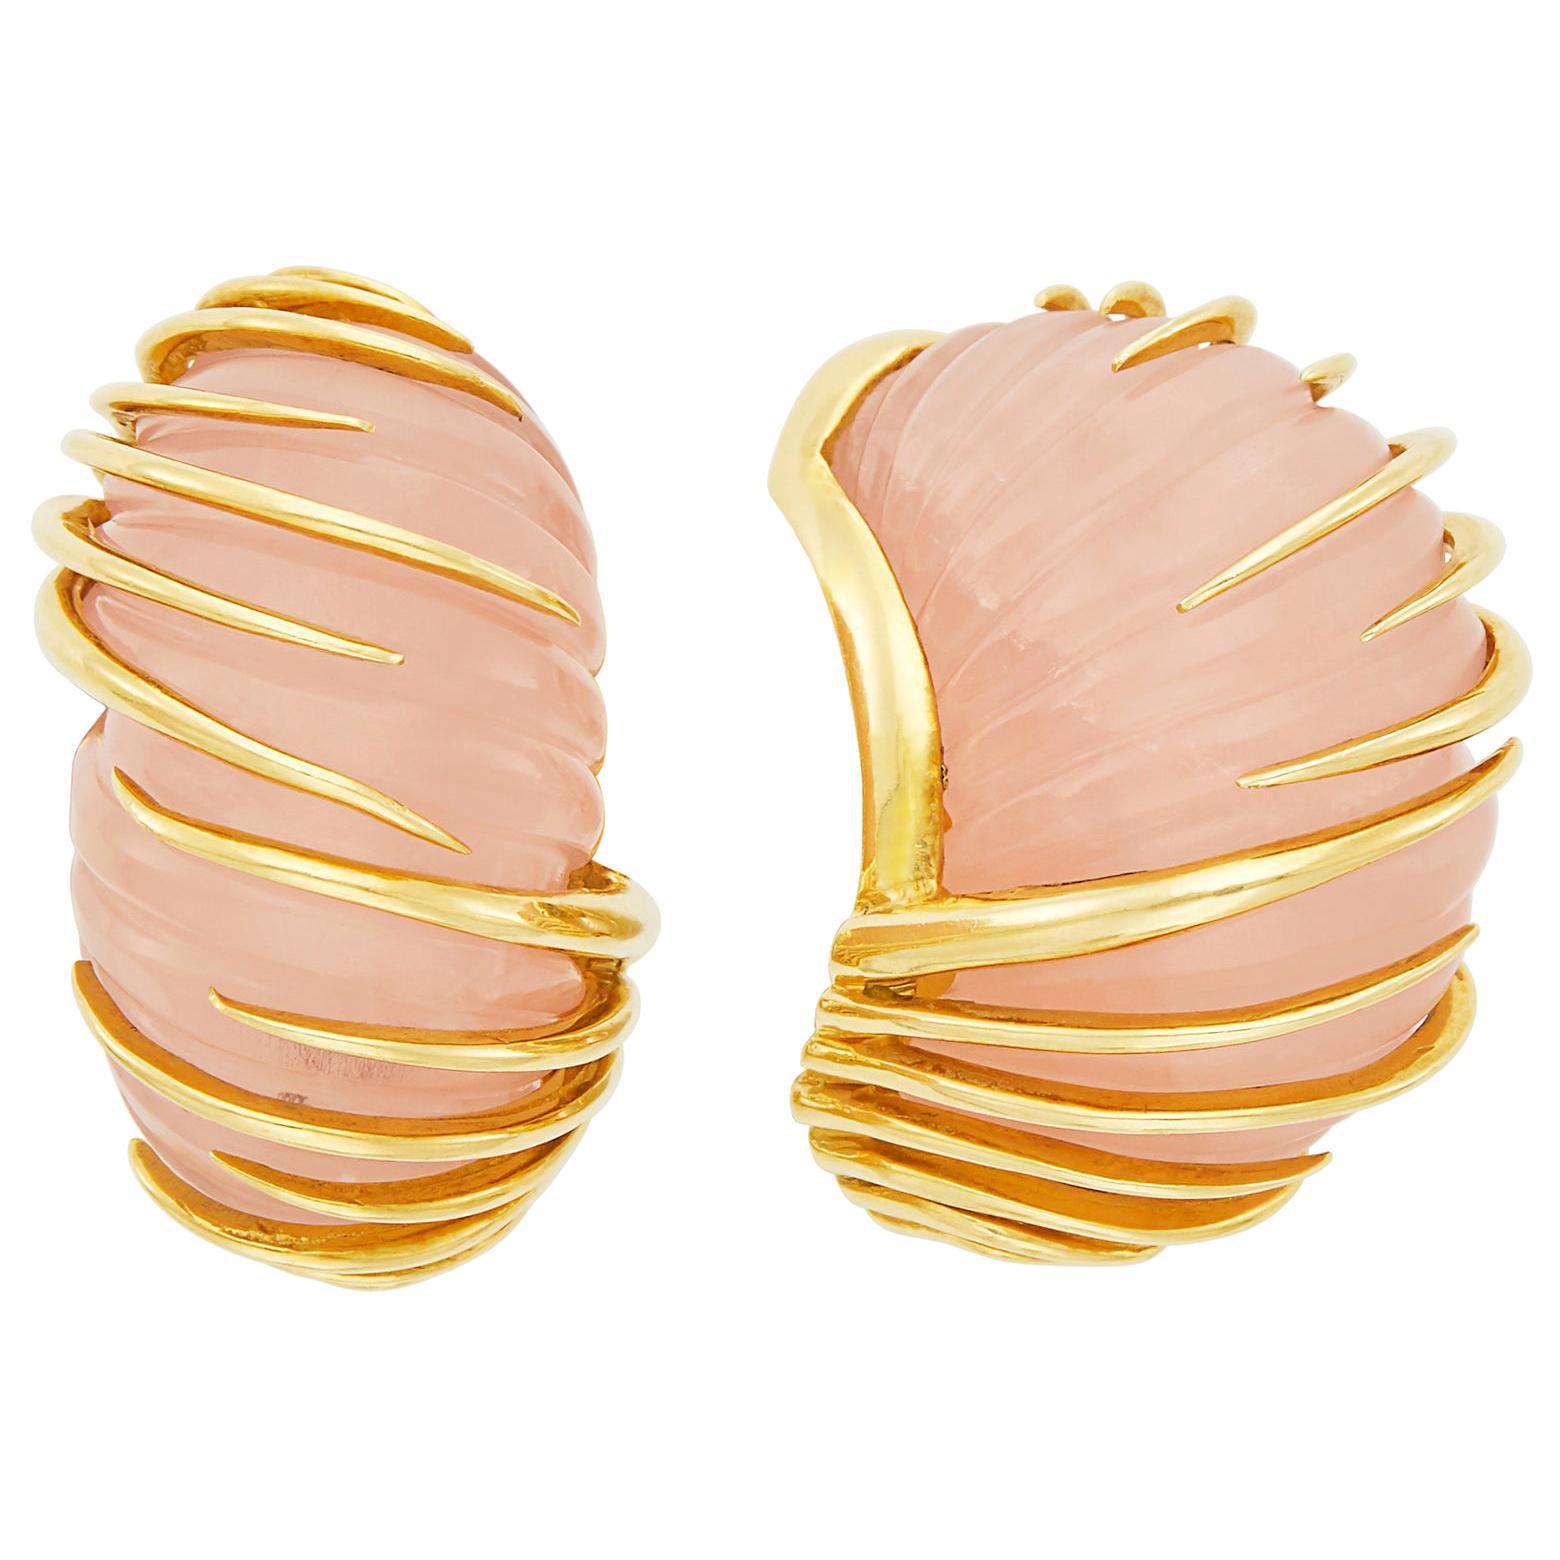 Van Cleef & Arpels Carved Rose Quartz Earrings in 18 Karat Yellow Gold